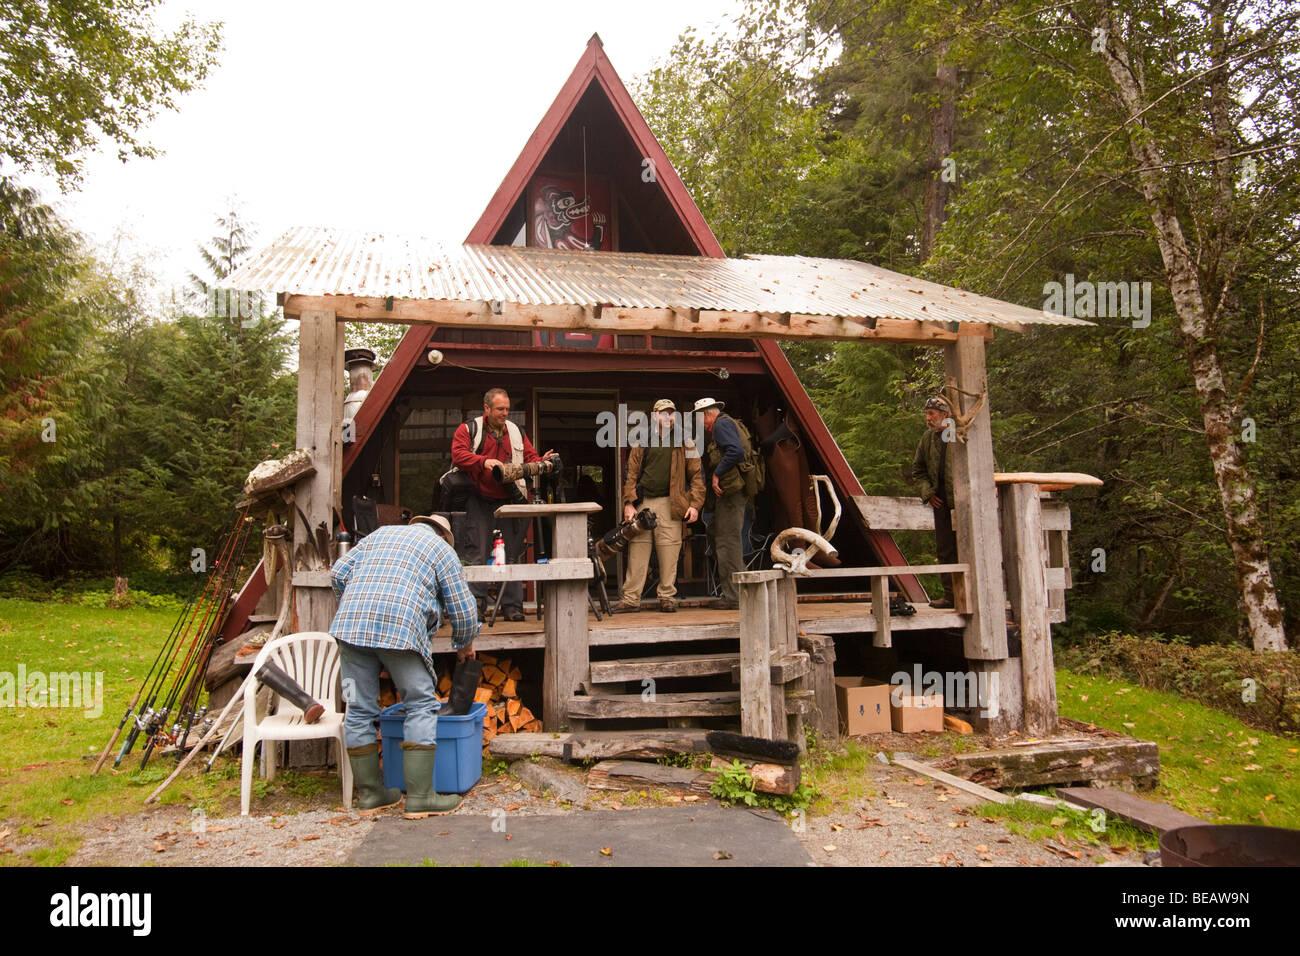 log cabin canada stock photos  u0026 log cabin canada stock